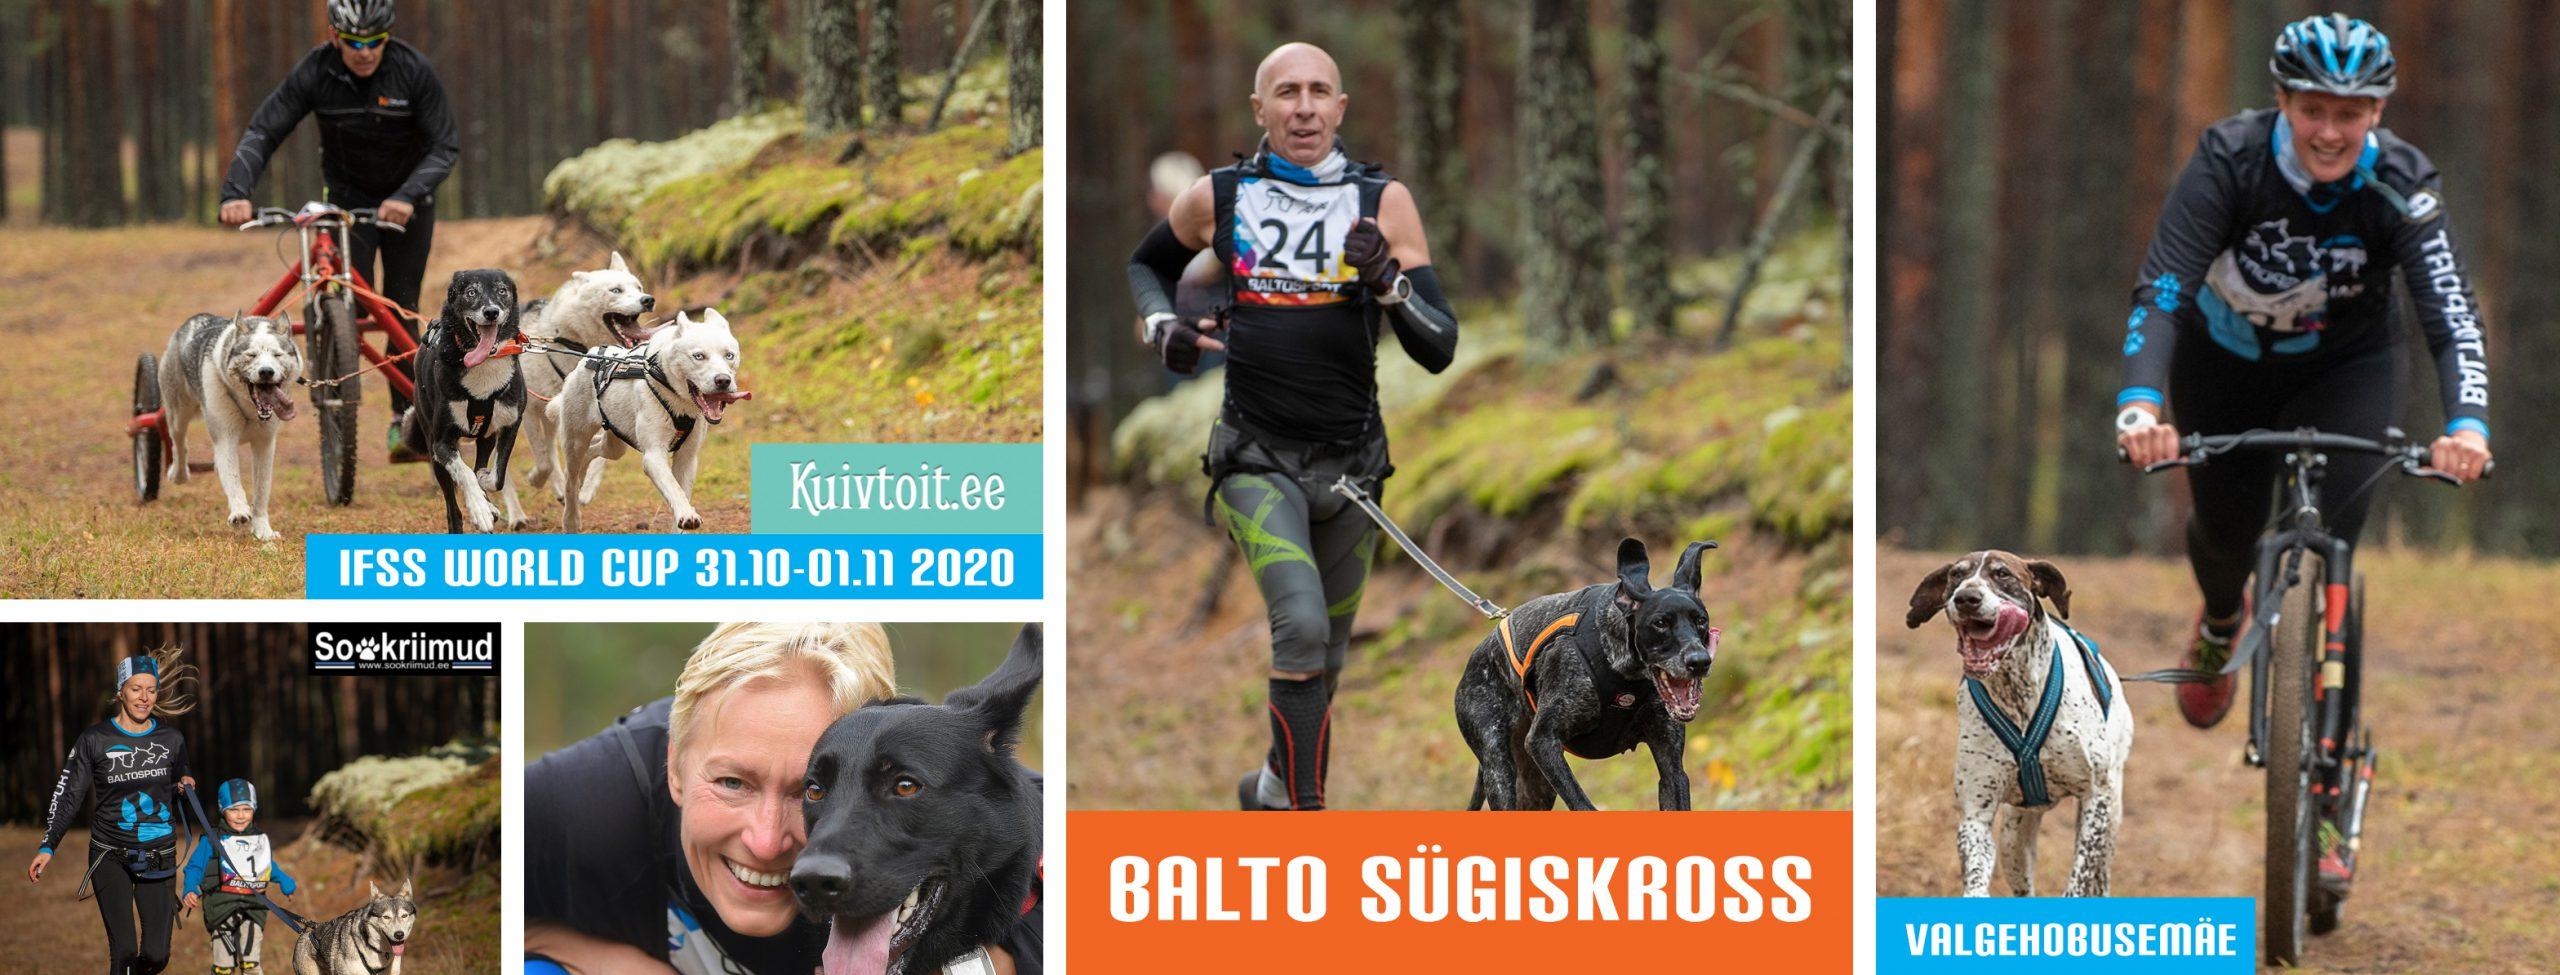 Balto Sügiskross 2020 veokoeraspordi võistlus Valgehobusemäe